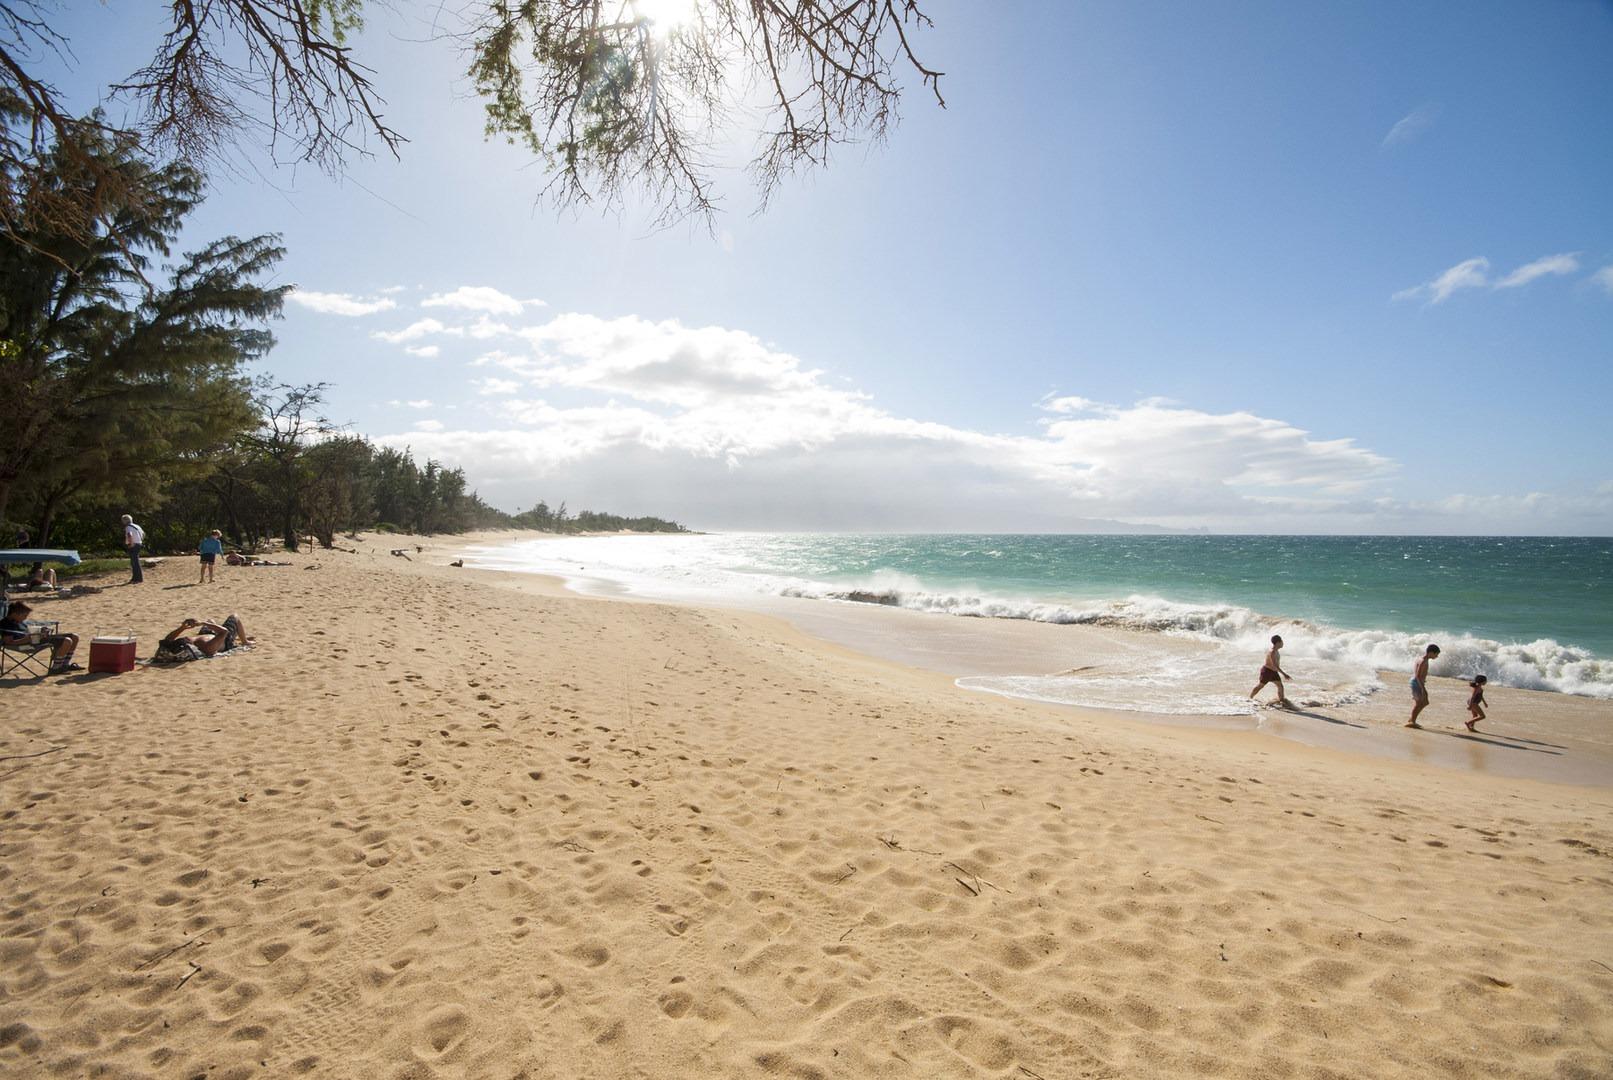 H A Baldwin Beach Park